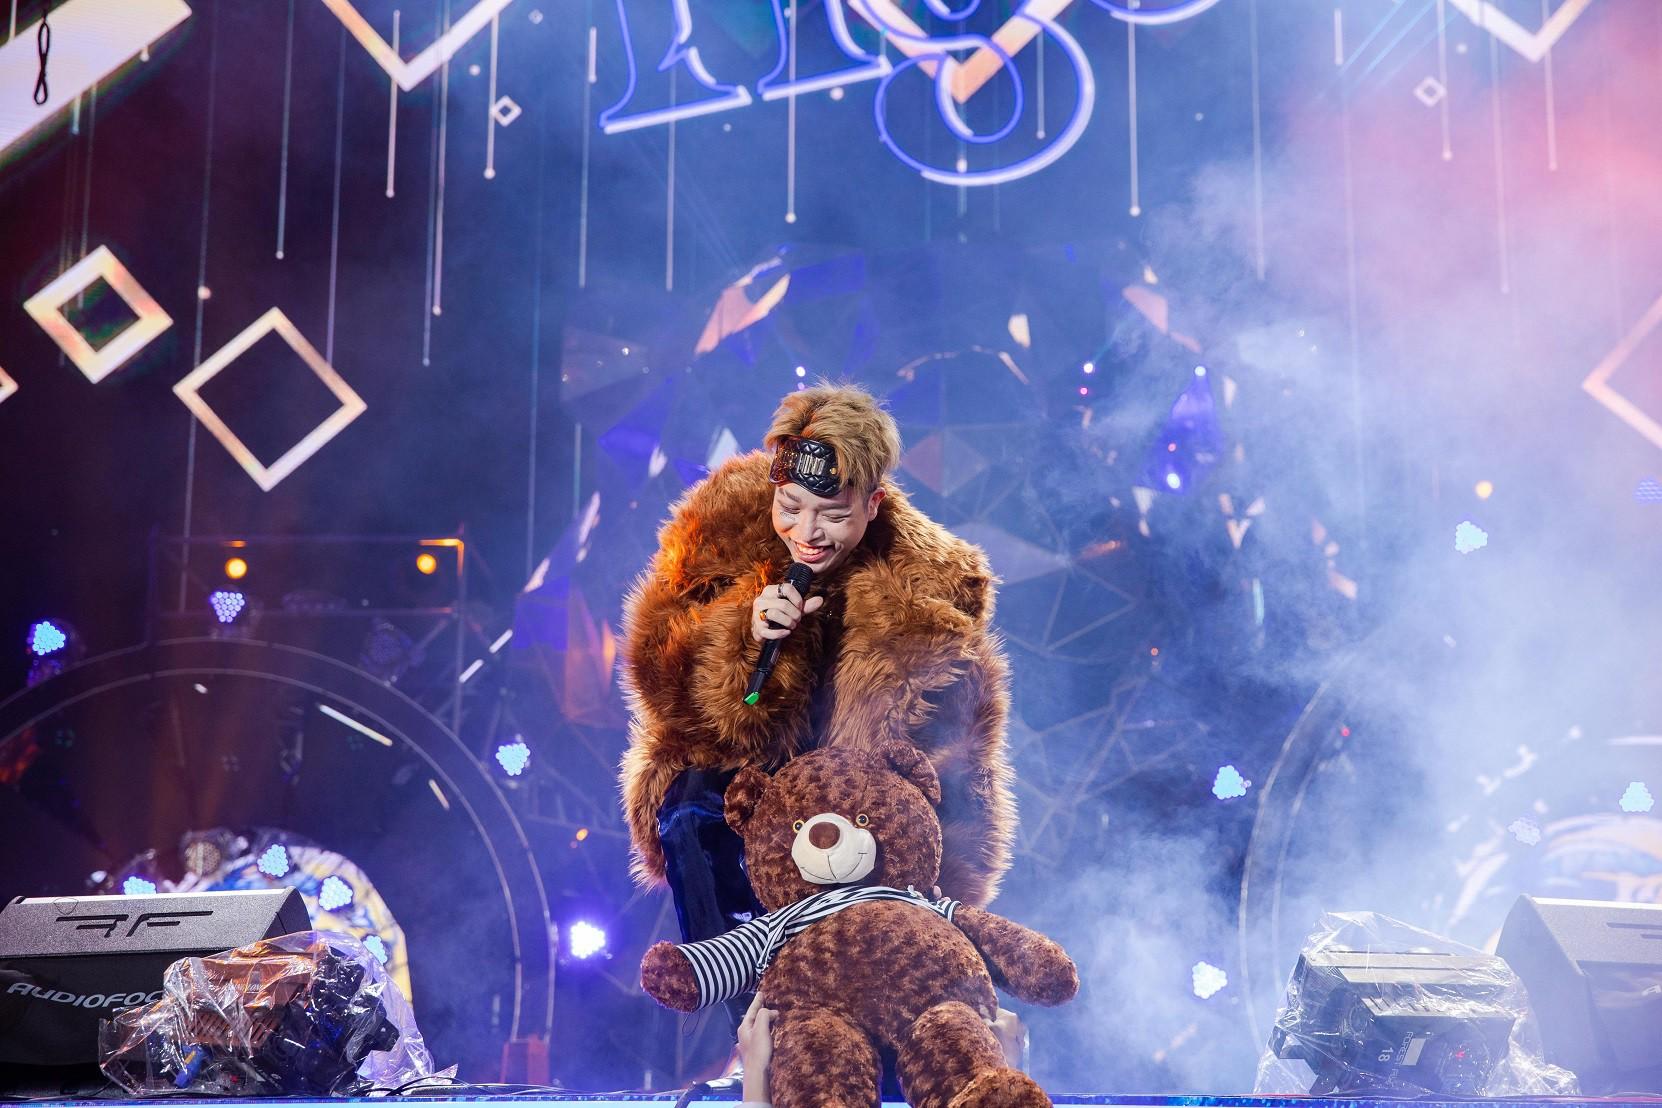 """Sau khăn """"bà ngoại"""", Sơn Tùng tiếp tục khiến fan """"bấn loạn"""" với style """"ông ngoại quốc dân"""" - Ảnh 7."""